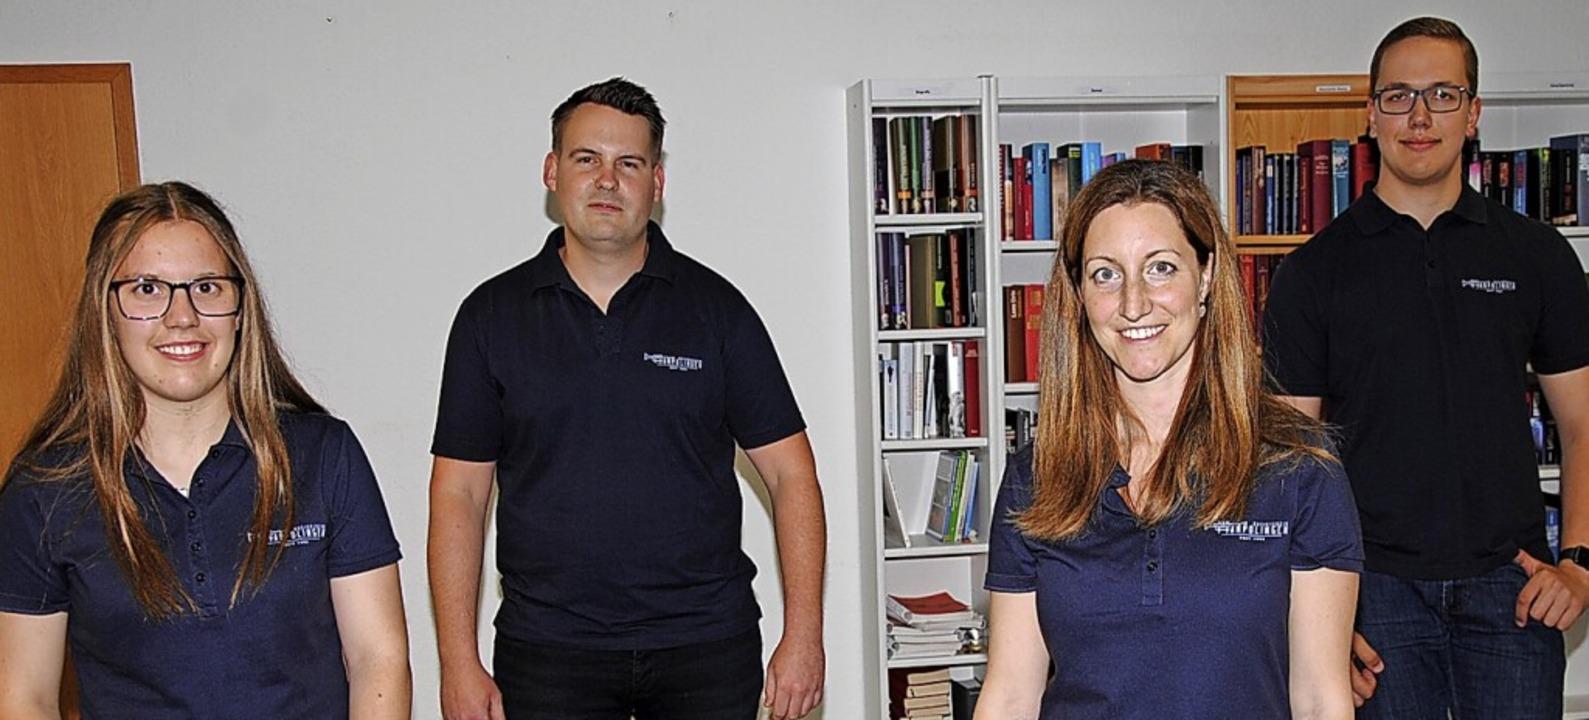 Die neu gewählten Vorstandsmitglieder ...de) und Lukas Dörflinger  (Kassierer).    Foto: Hans-Walter Mark